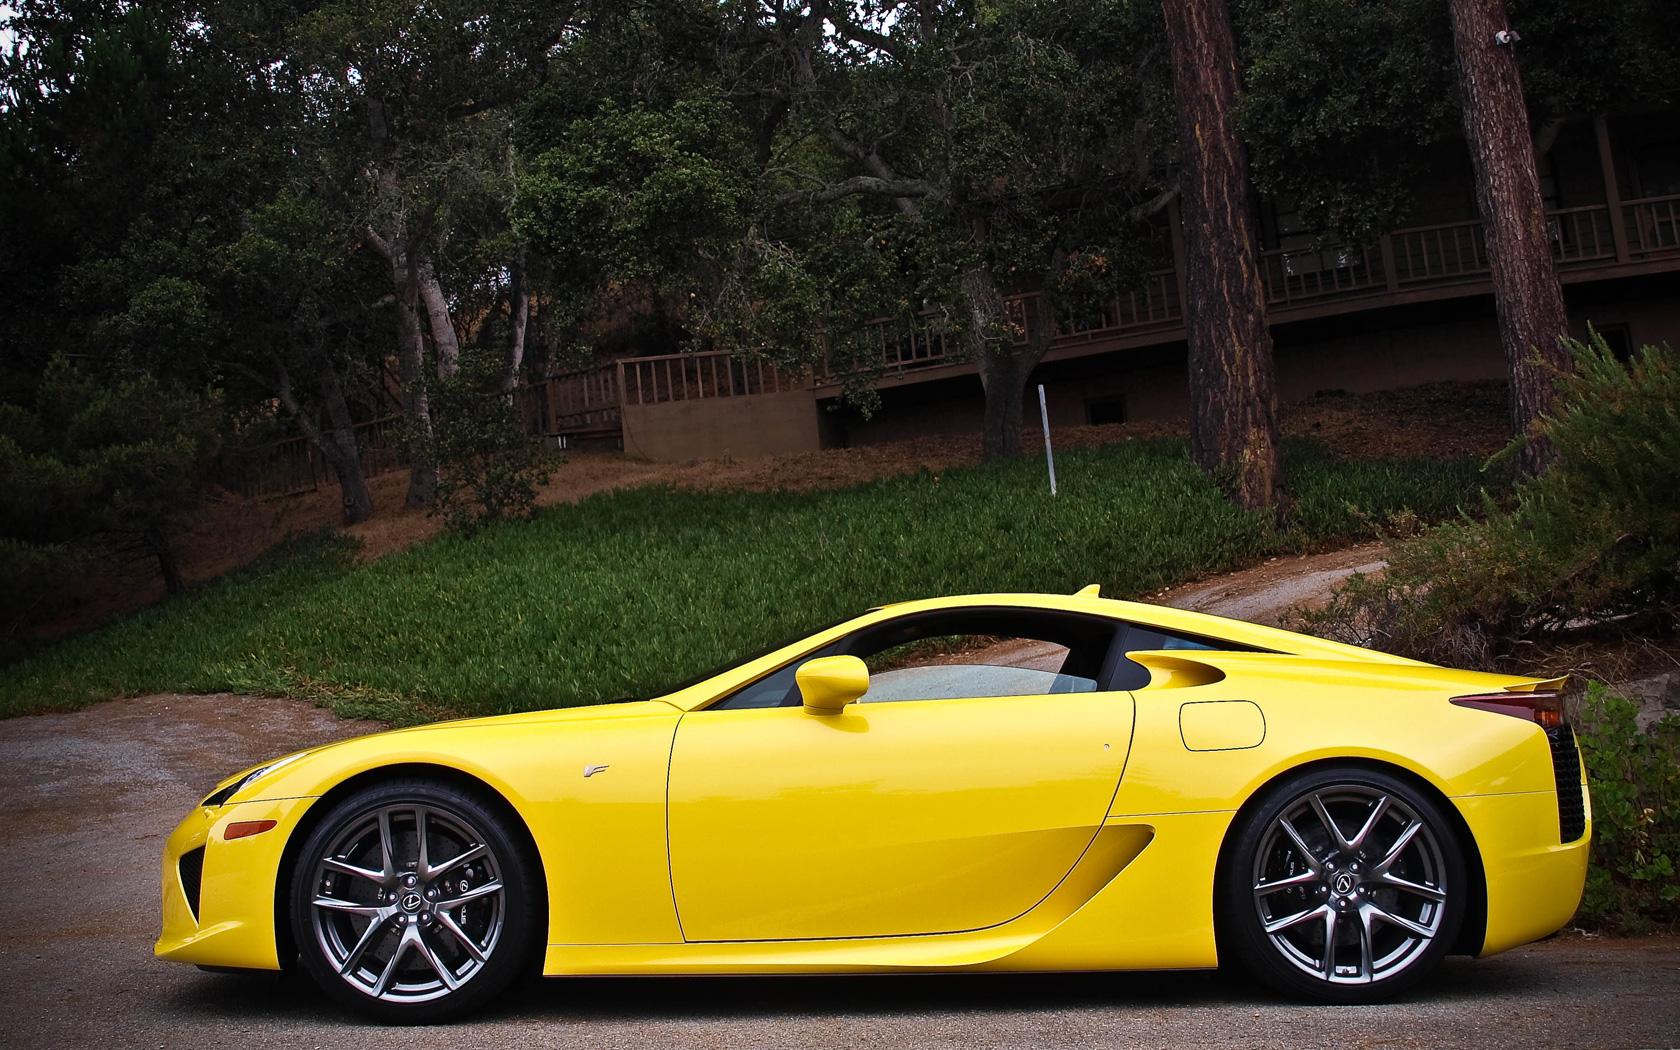 Yellow Lexus LFA Parked